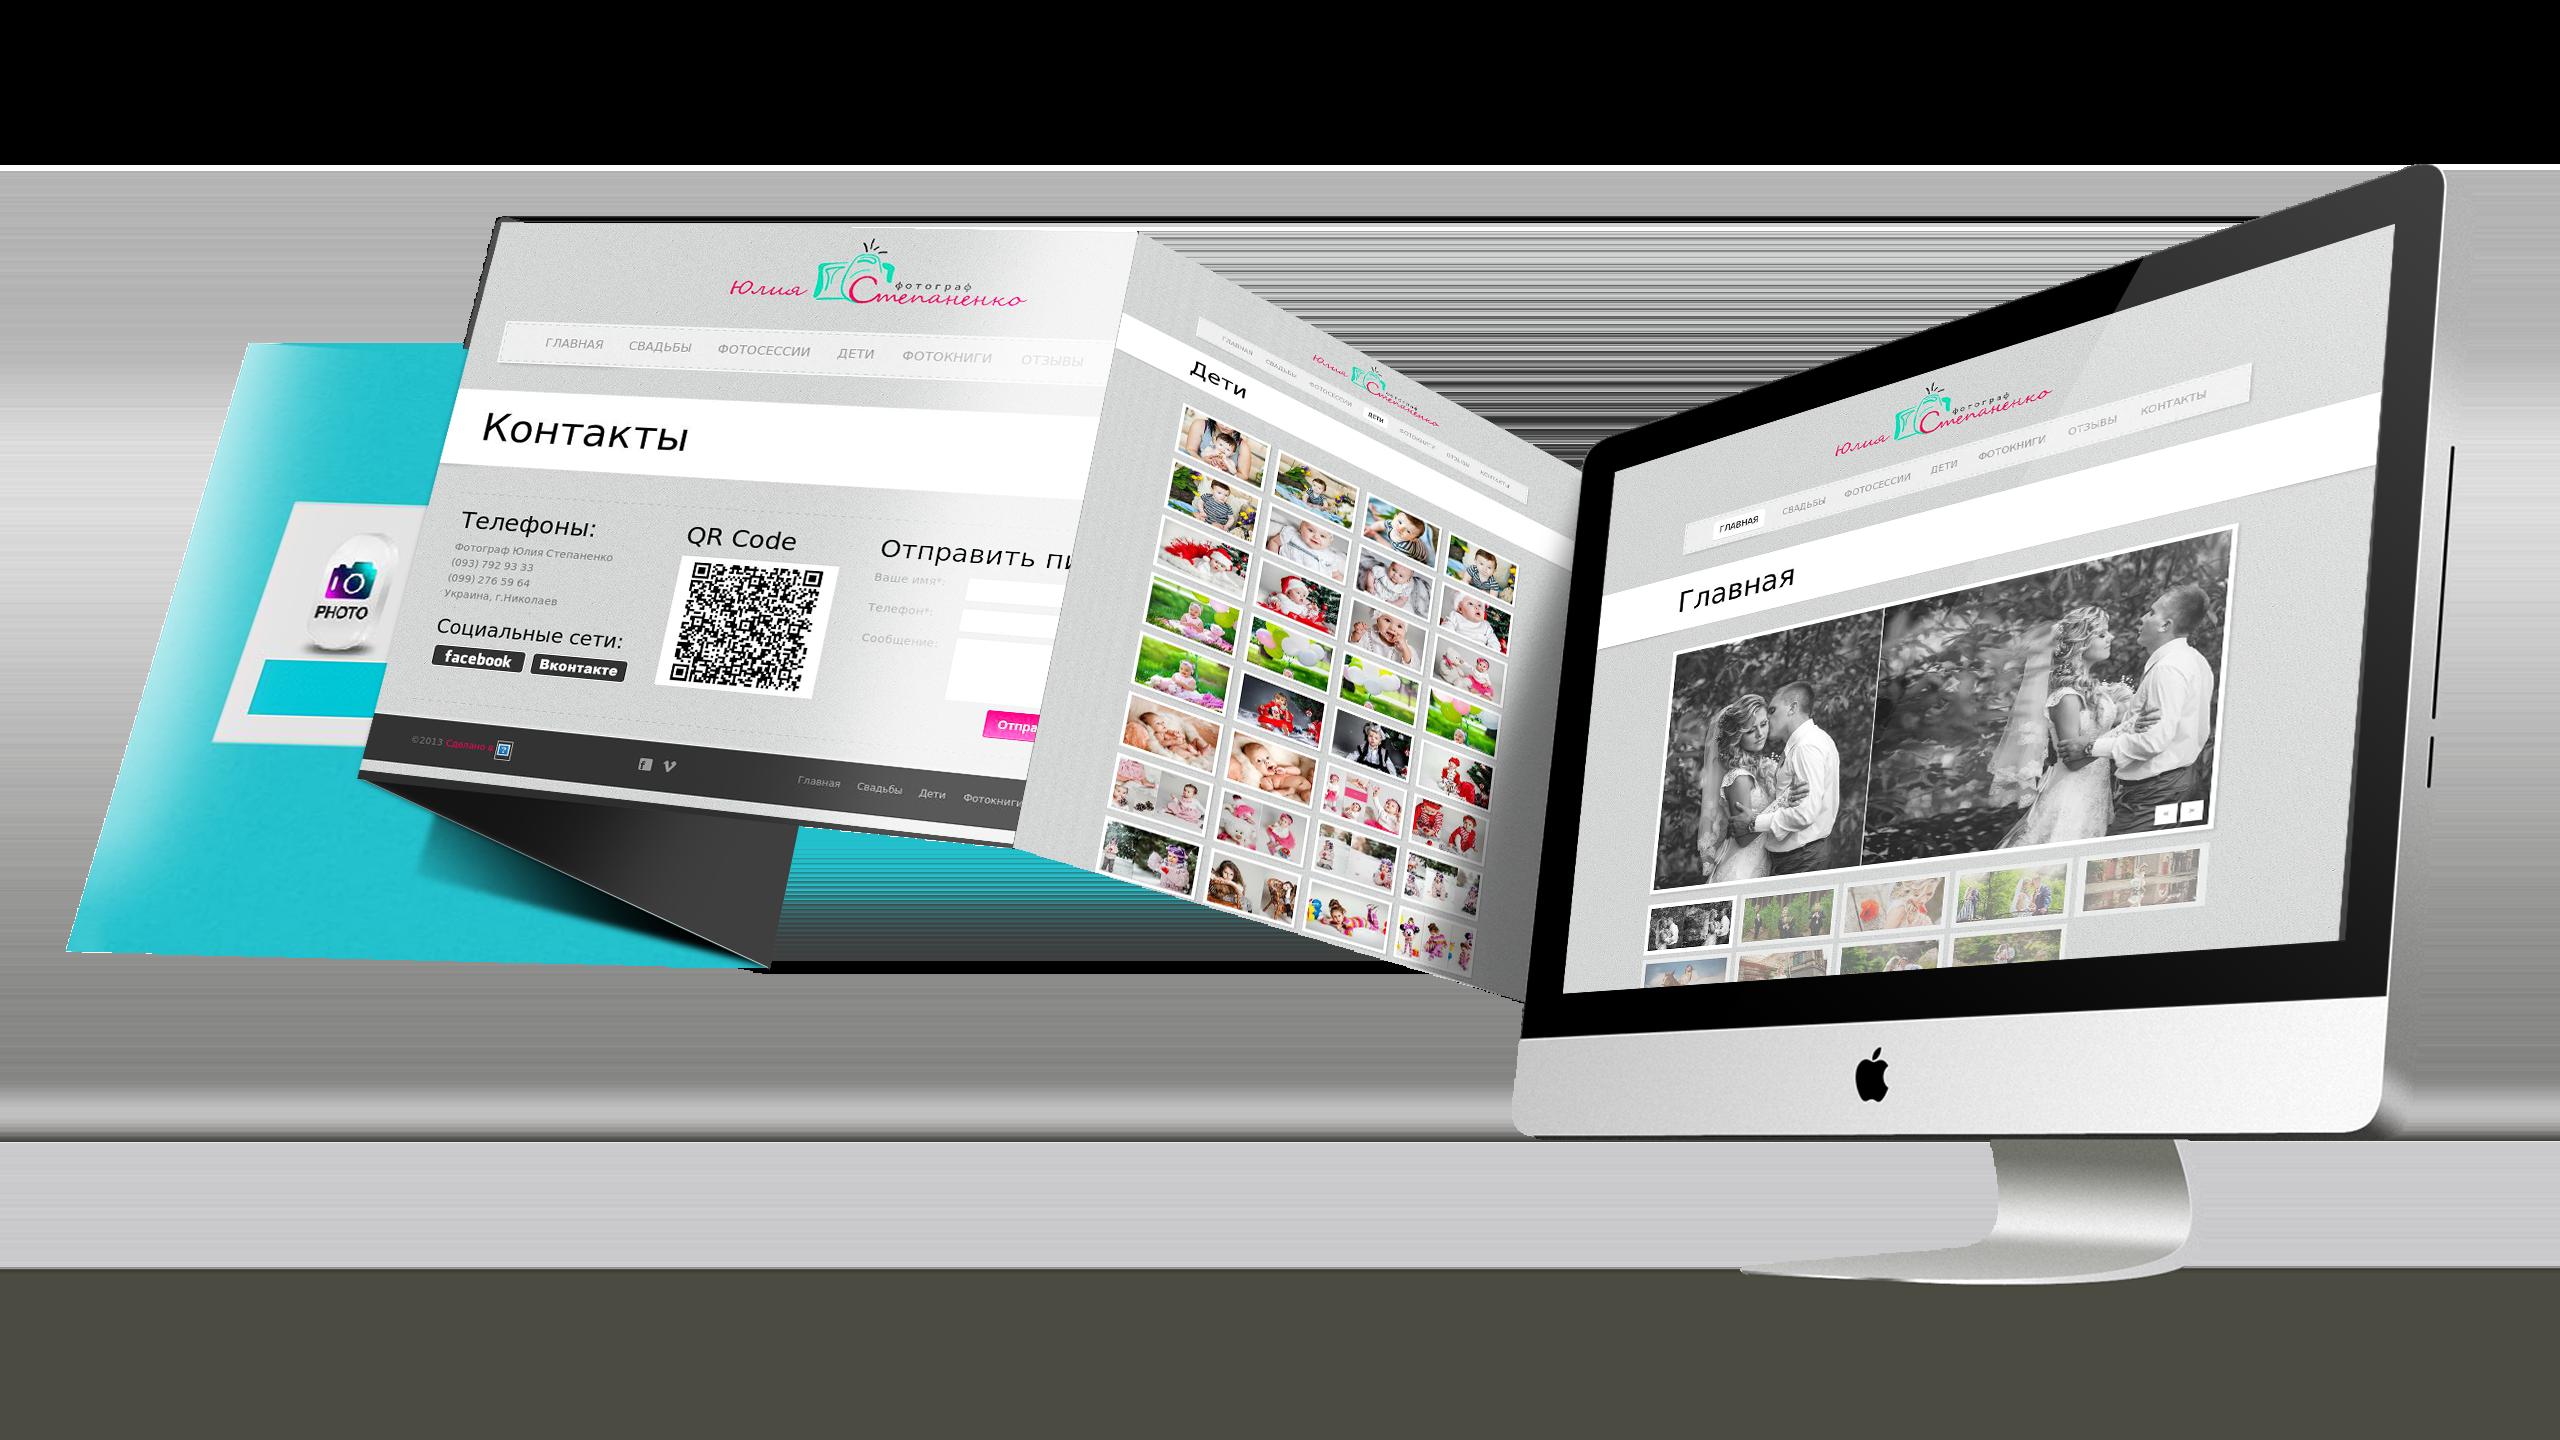 Создать интернет магазин или готовый сайт помогут опытные программисты